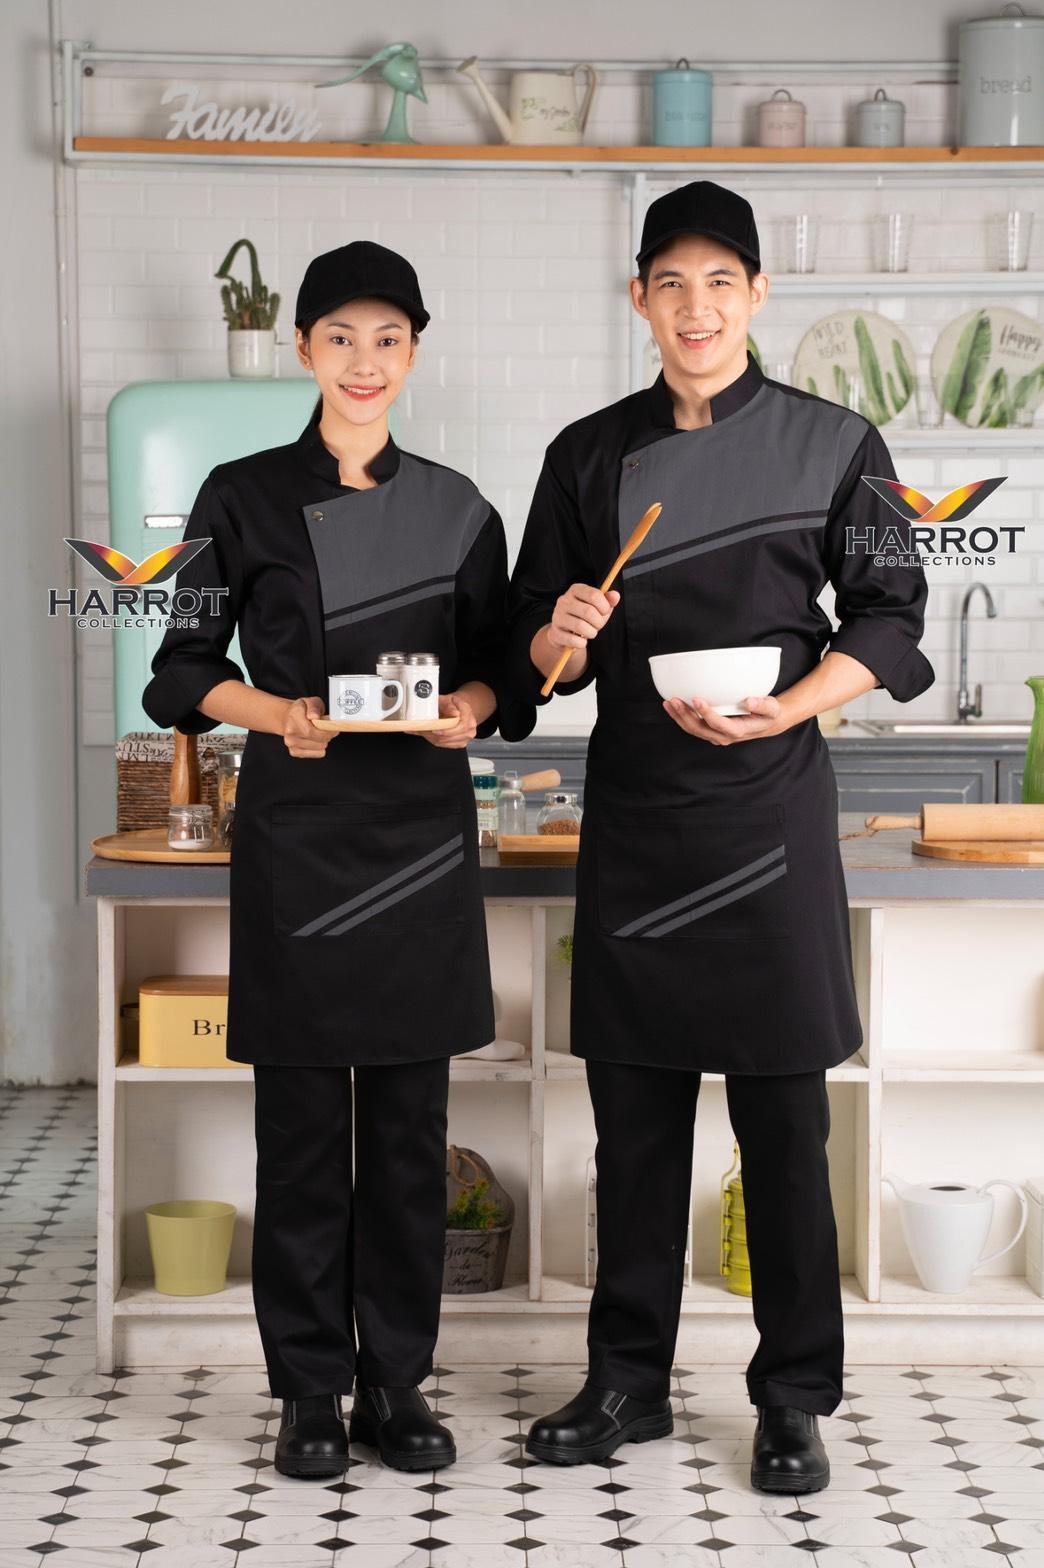 เสื้อกุ๊ก เสื้อเชฟ ชุดเชฟ แขนสามส่วน เดอะสตรีท สีดำ-เทา กระดุมแป๊ก (FSS0354)